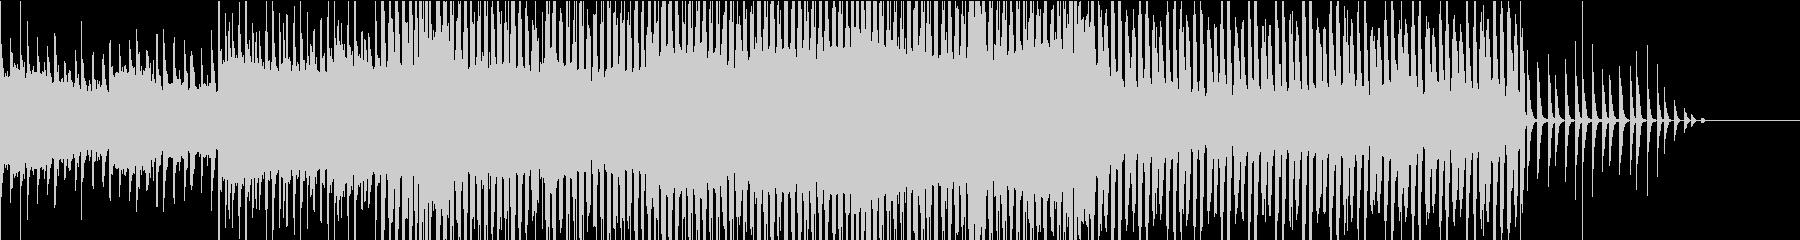 メロウなシンセフレーズとハードなベースの未再生の波形